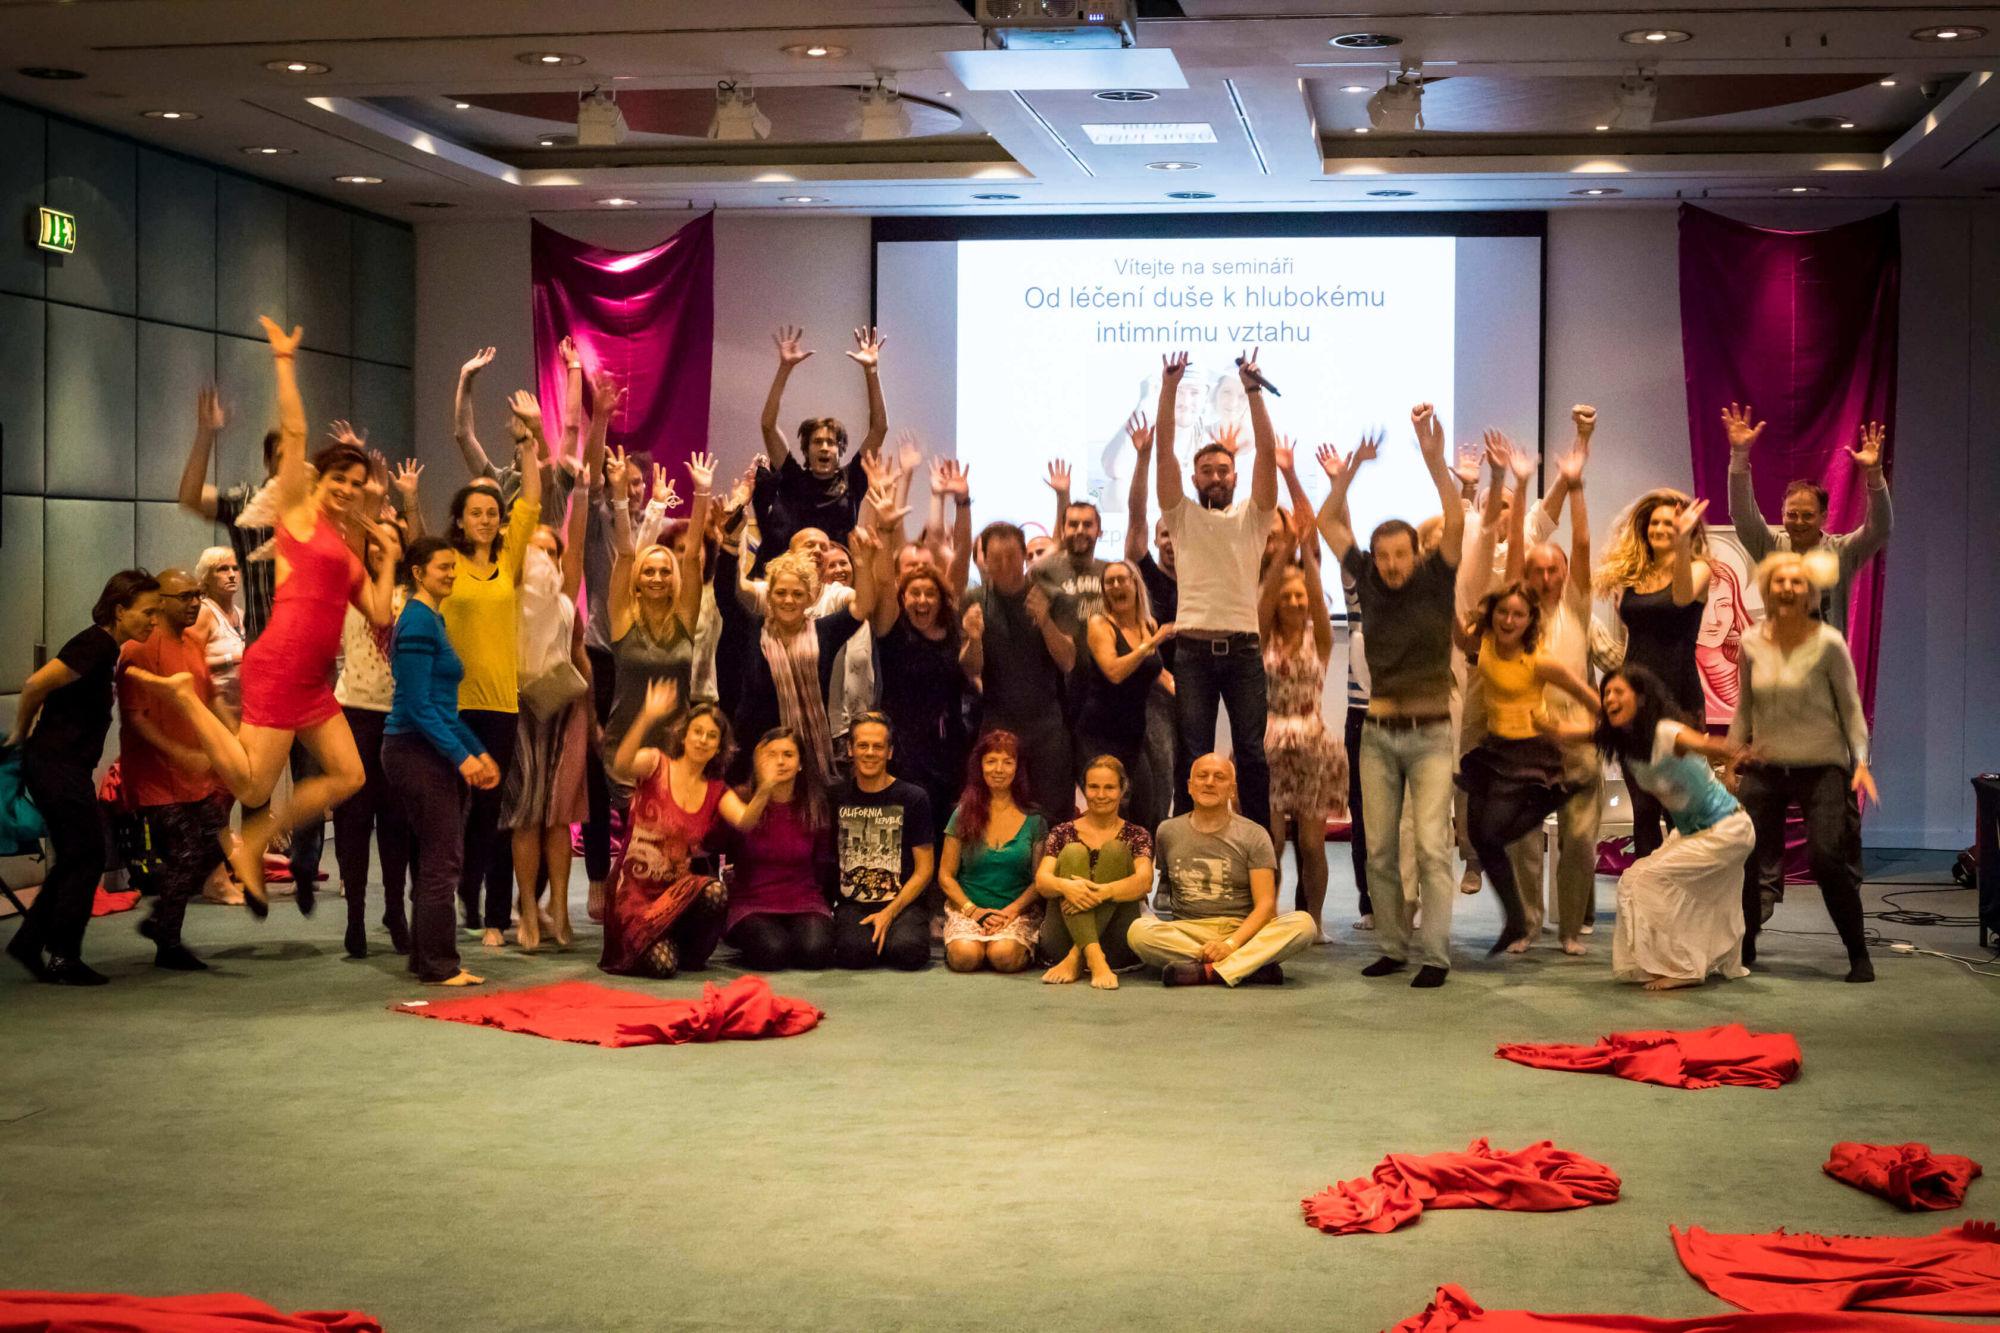 účastníci nejlepších partnerských kurzů tantrických masáží apárových technik